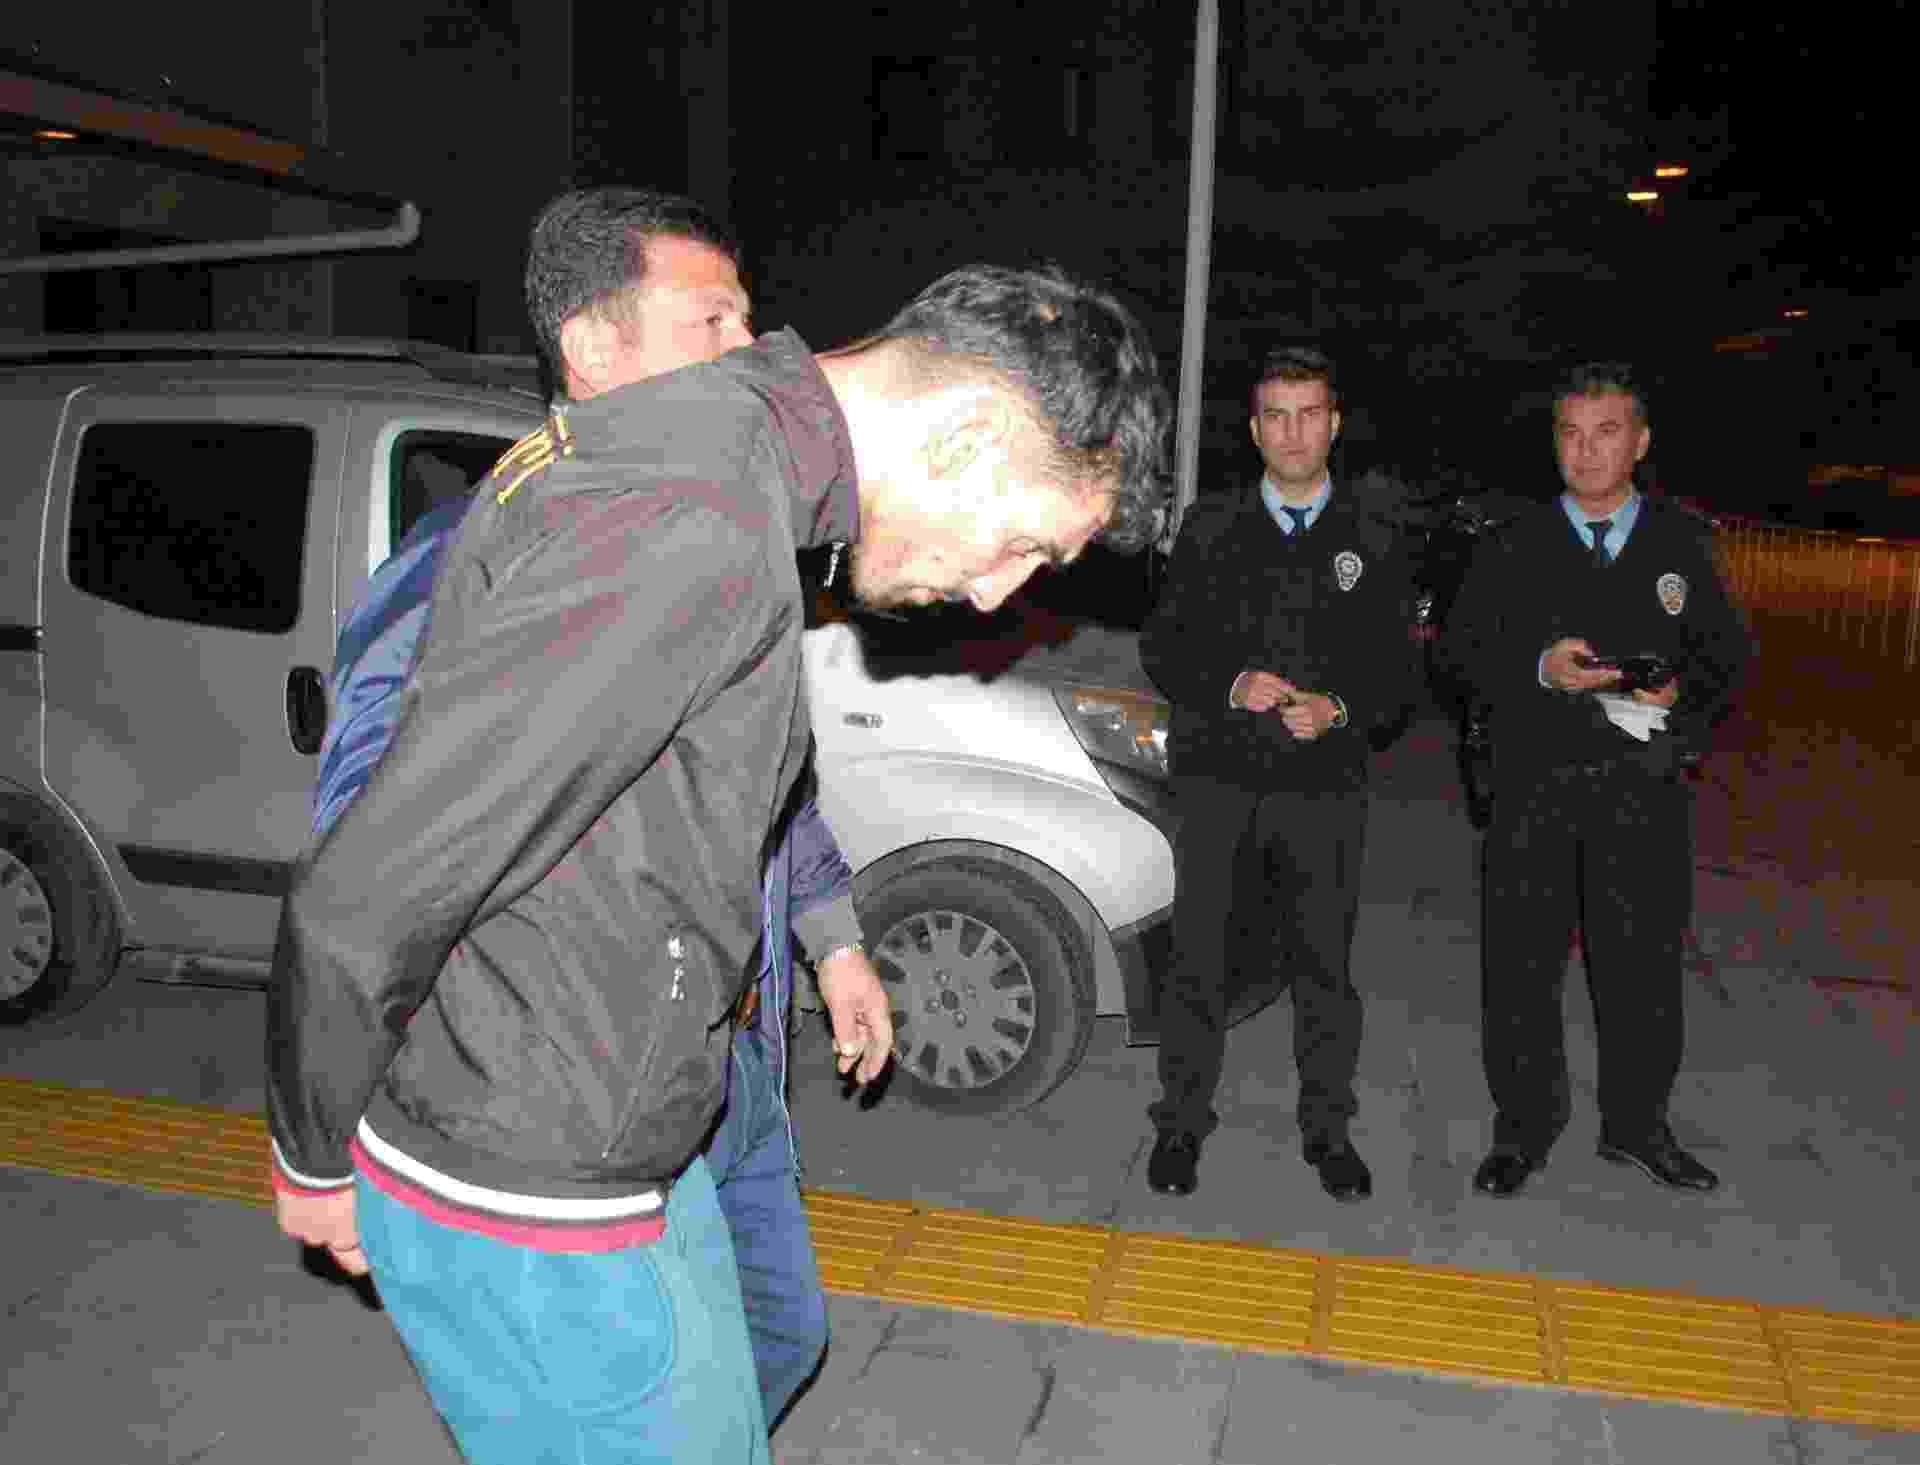 21.nov.2015 - A polícia turca deteve um belga de origem marroquina identificado como Ahmed Dahmani (de jaqueta preta) e outros dois homens de origem síria em Antália (Túrquia). Os jovens são suspeitos de envolvimento na preparação dos atentados de 13 de novembro em Paris, na França, que deixaram 130 mortos - Ihlas News Agency/AFP